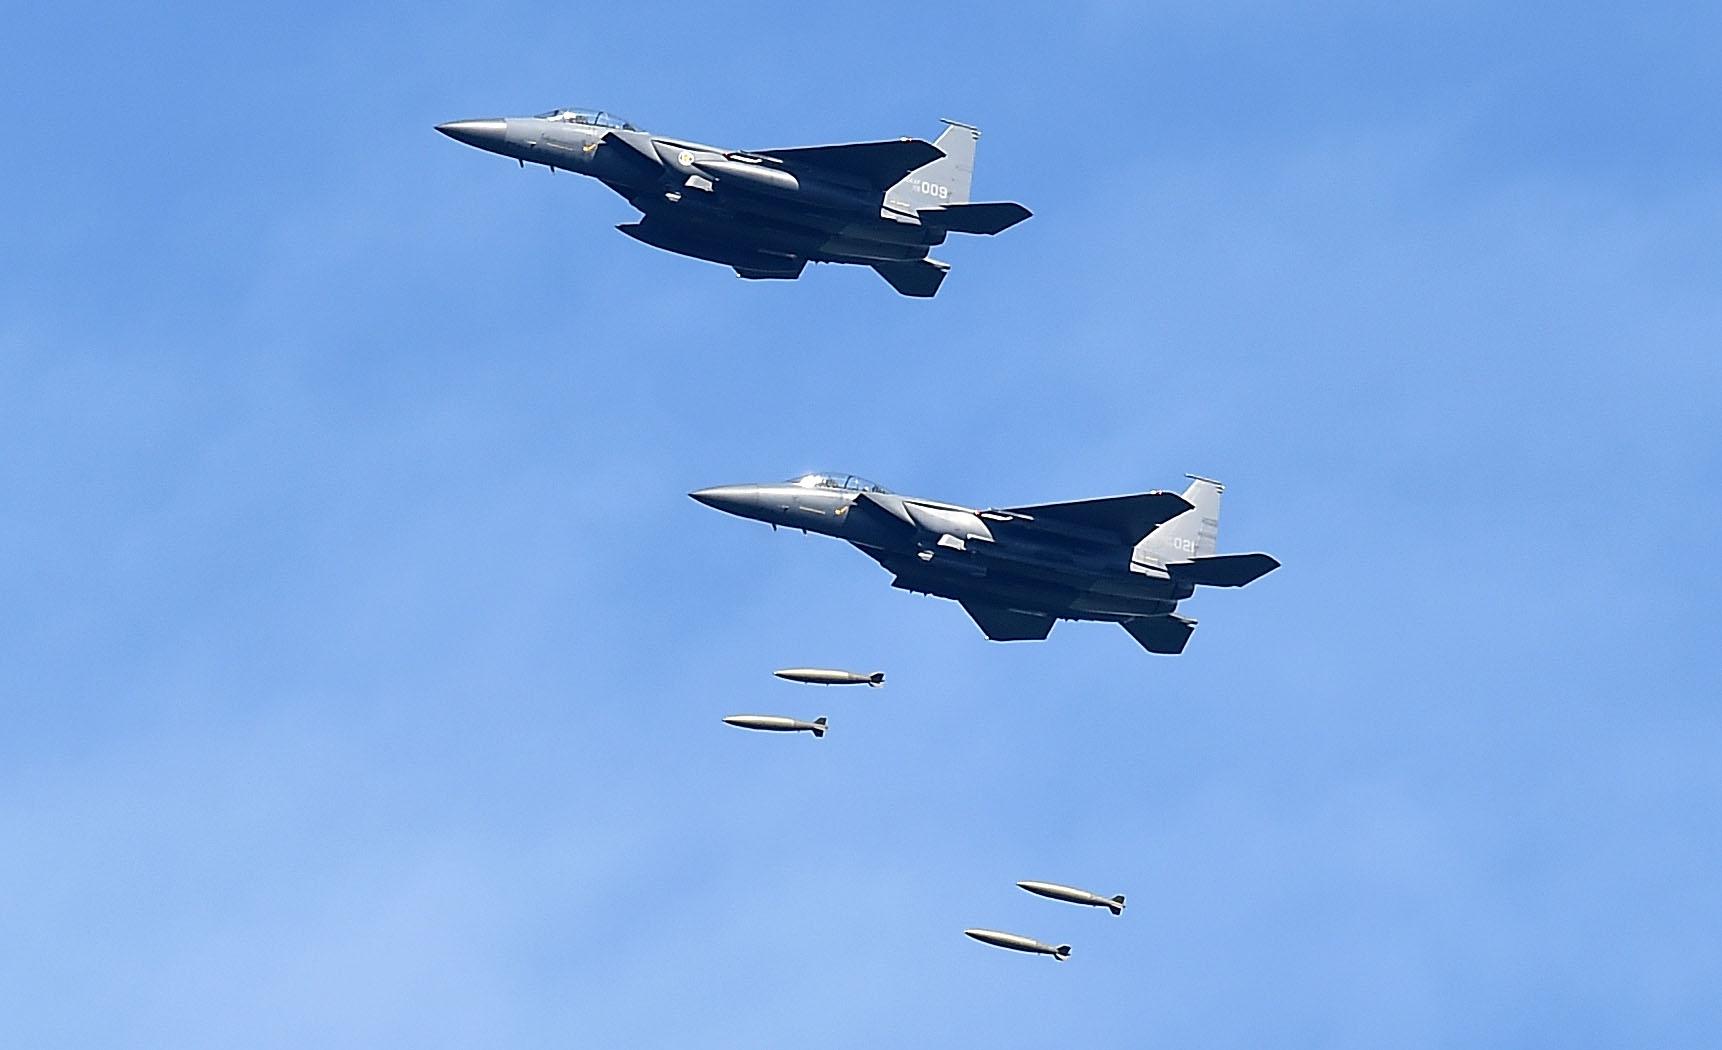 北韓實彈轟炸南韓F-15K戰機模型 挑釁升級